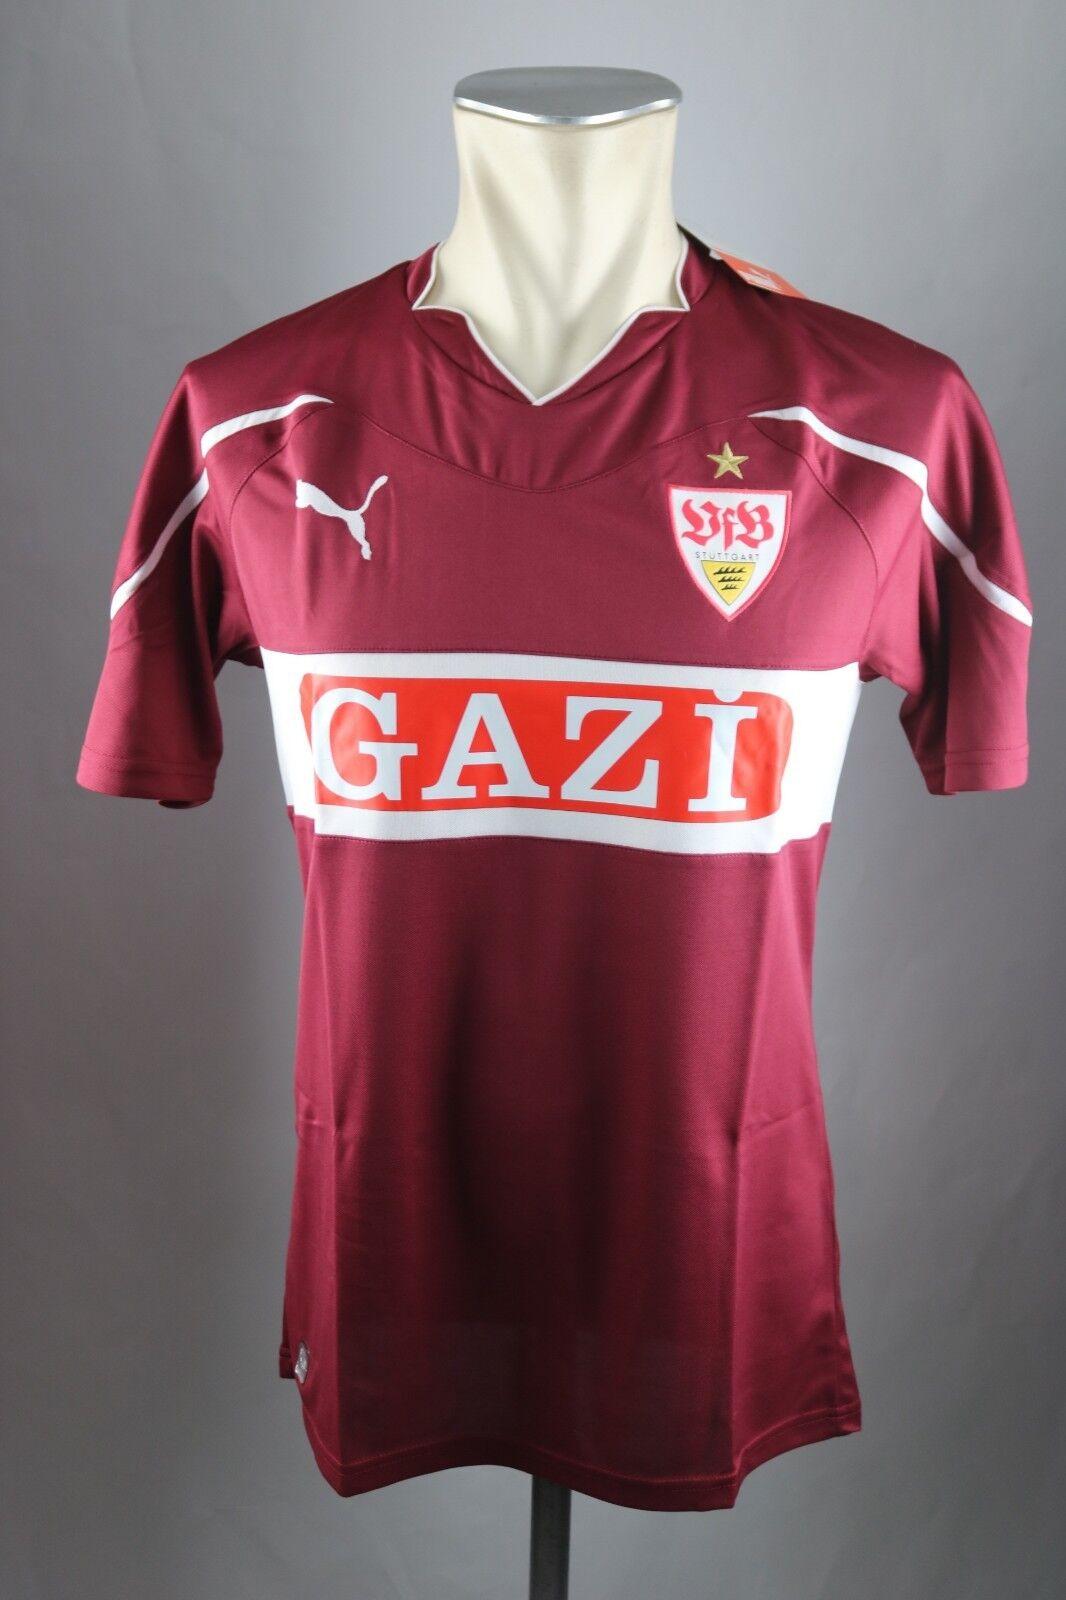 S Gr. Trikot Stuttgart VFB Third Wirtschaft | rot Gazi Shirt